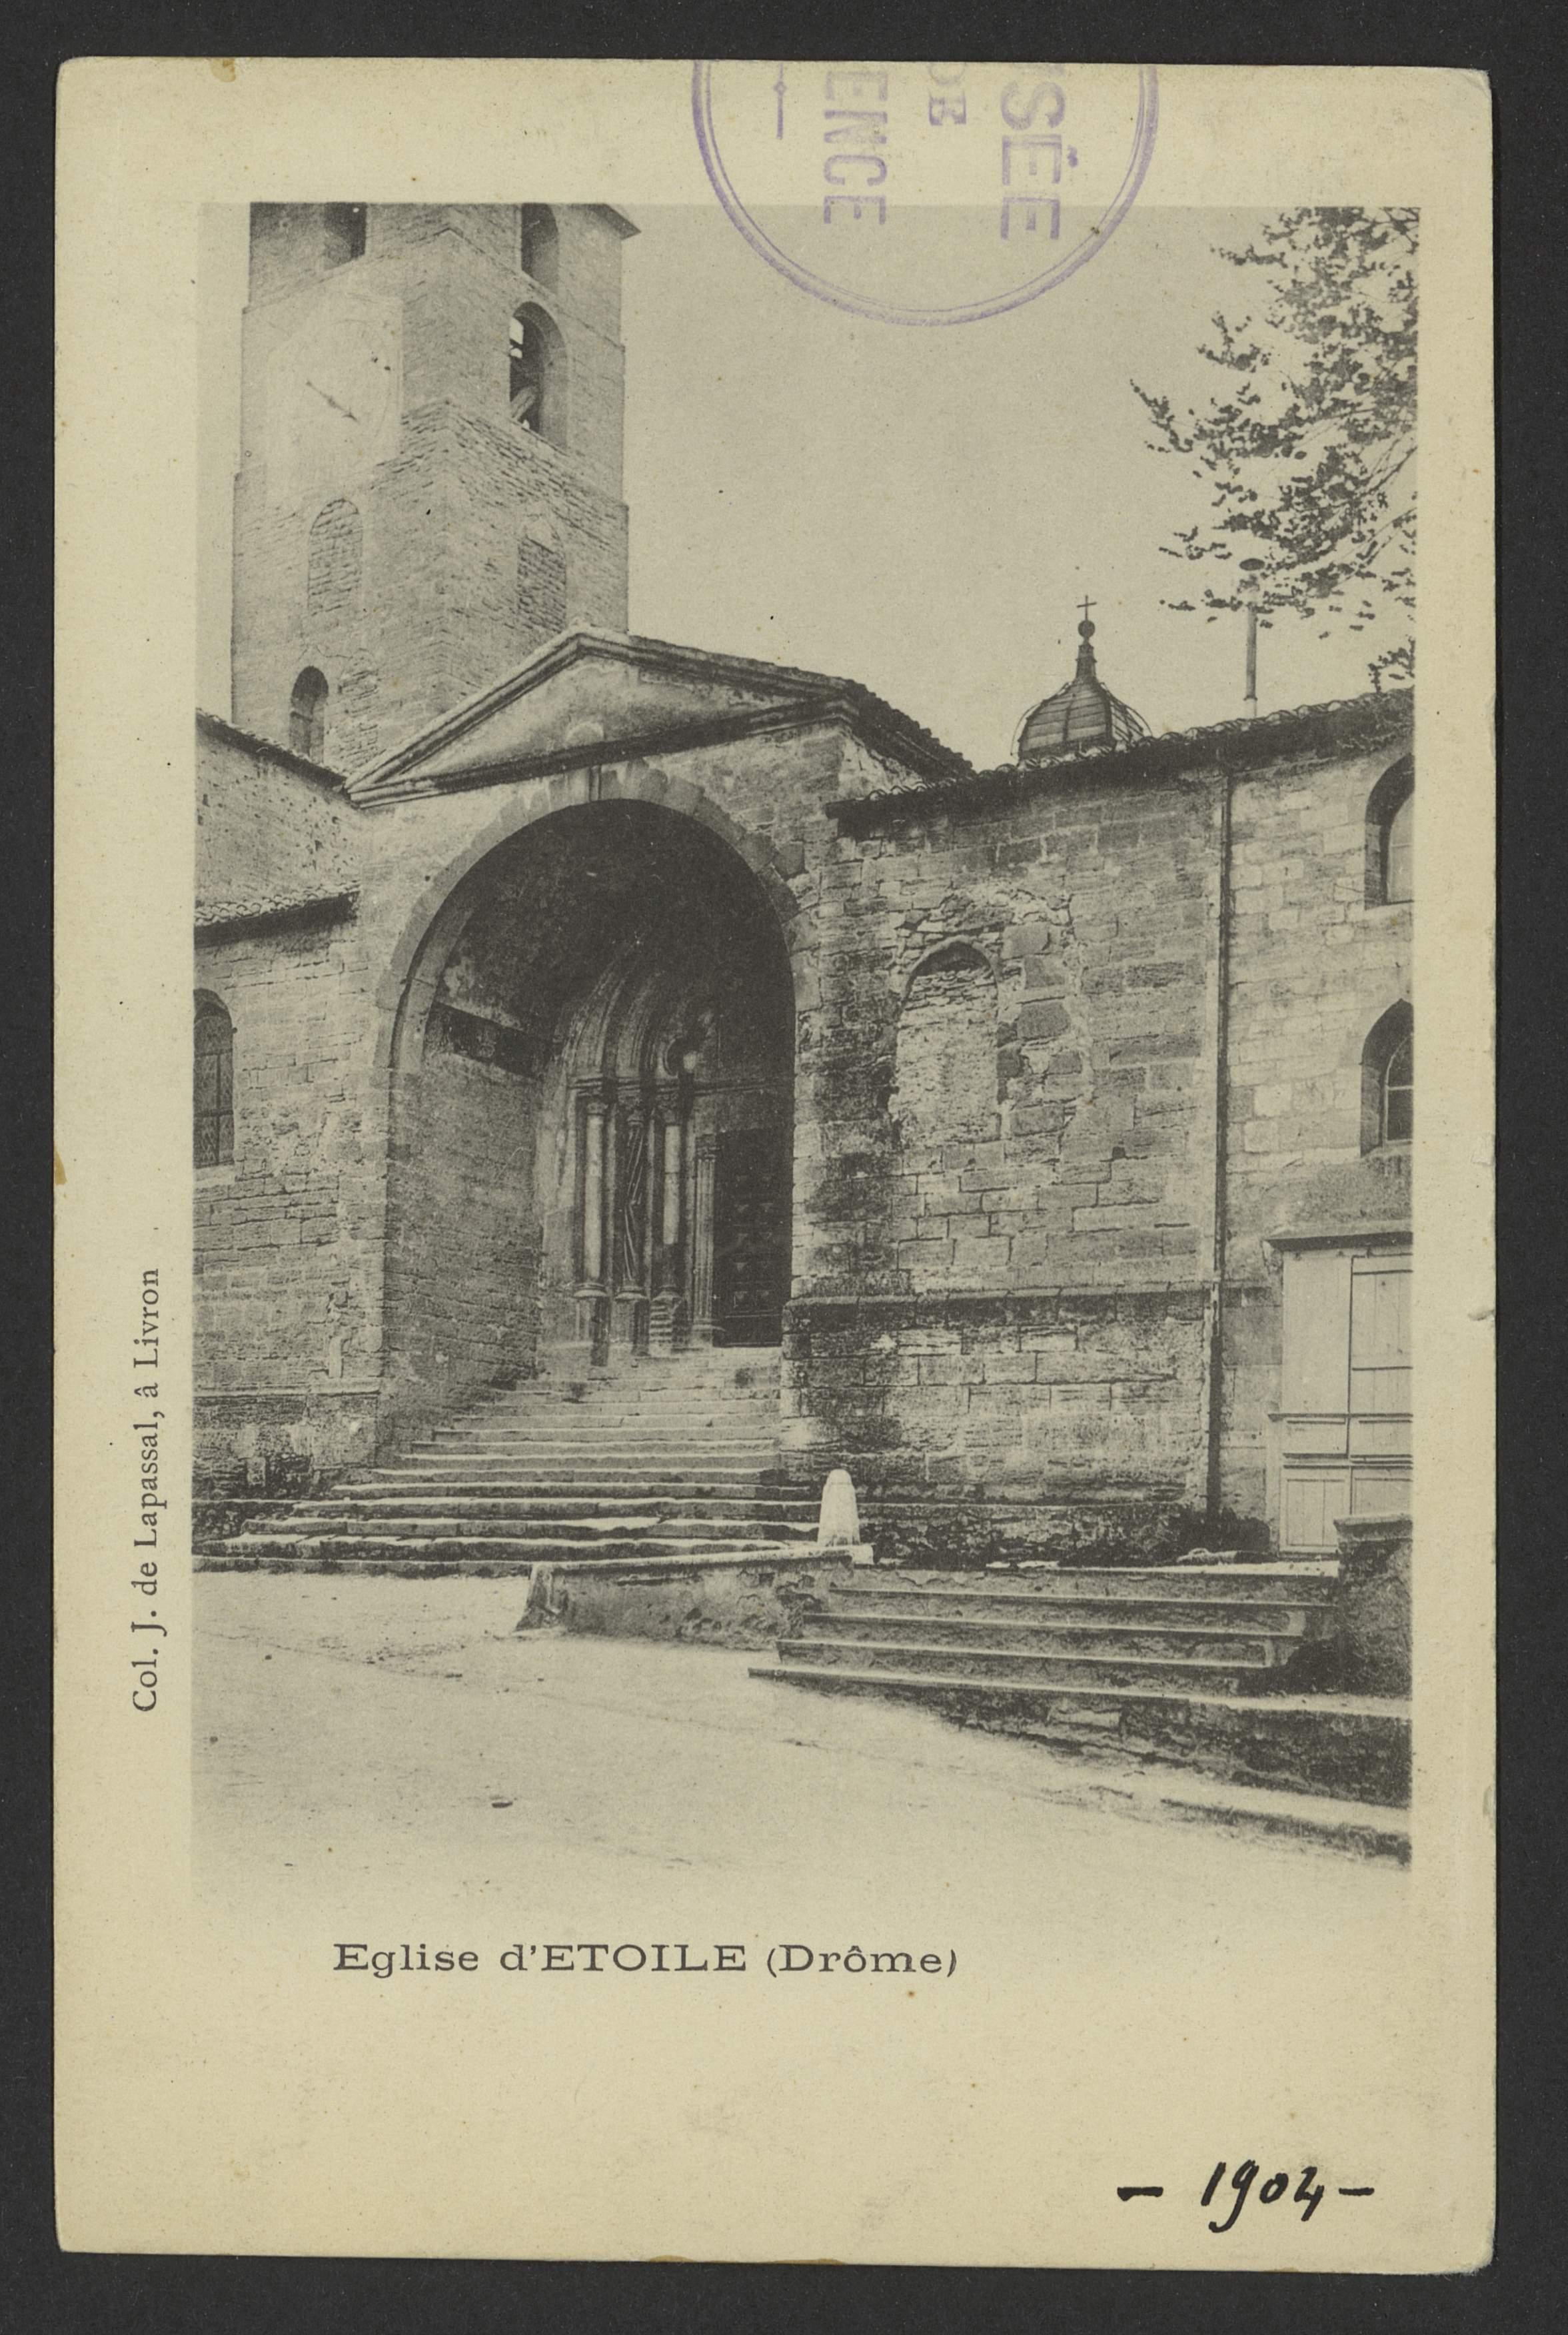 Eglise d'Etoile (Drôme)